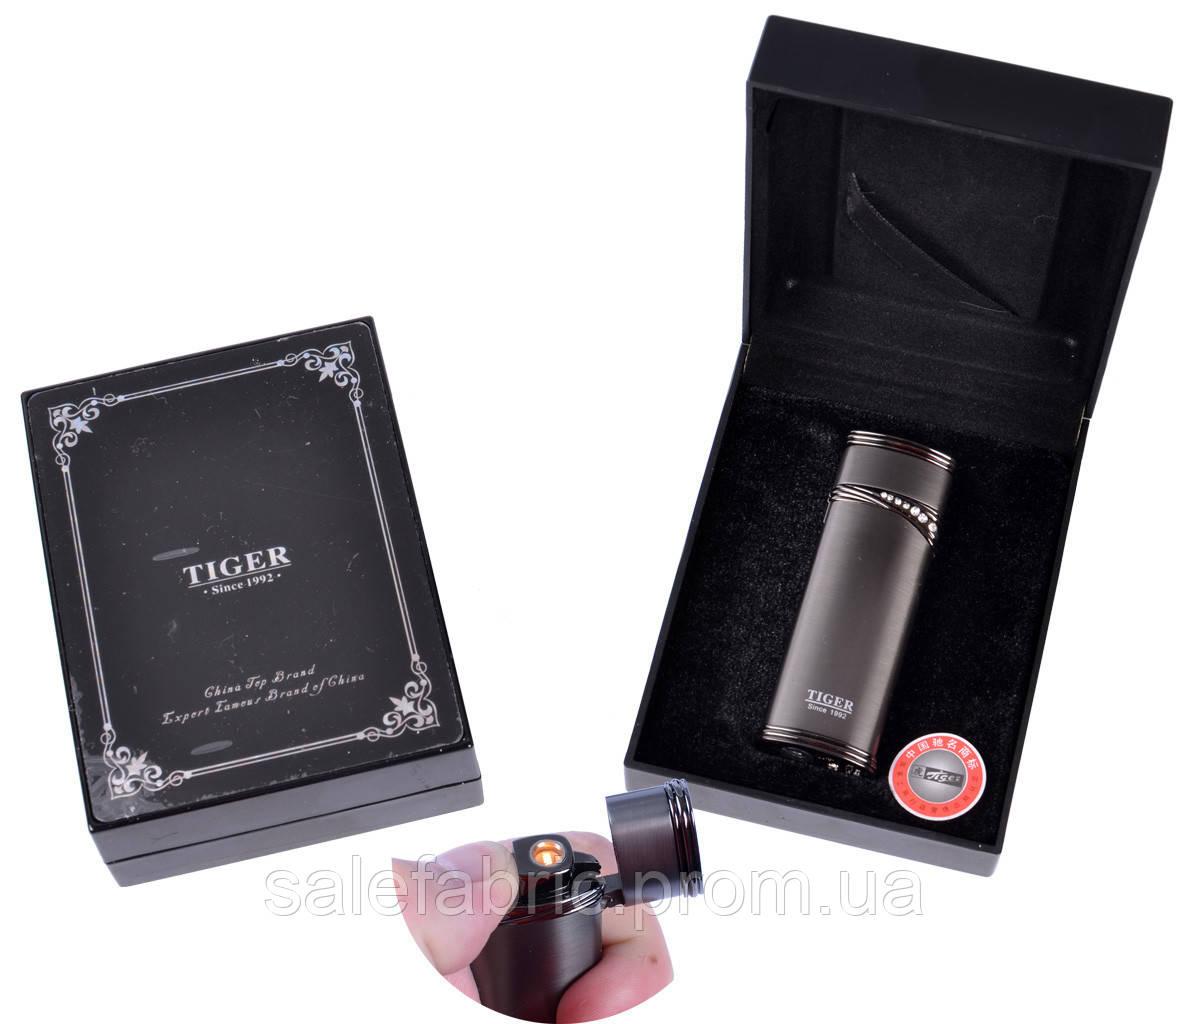 Зажигалка подарочная Tiger (Турбо пламя) №3567 Black